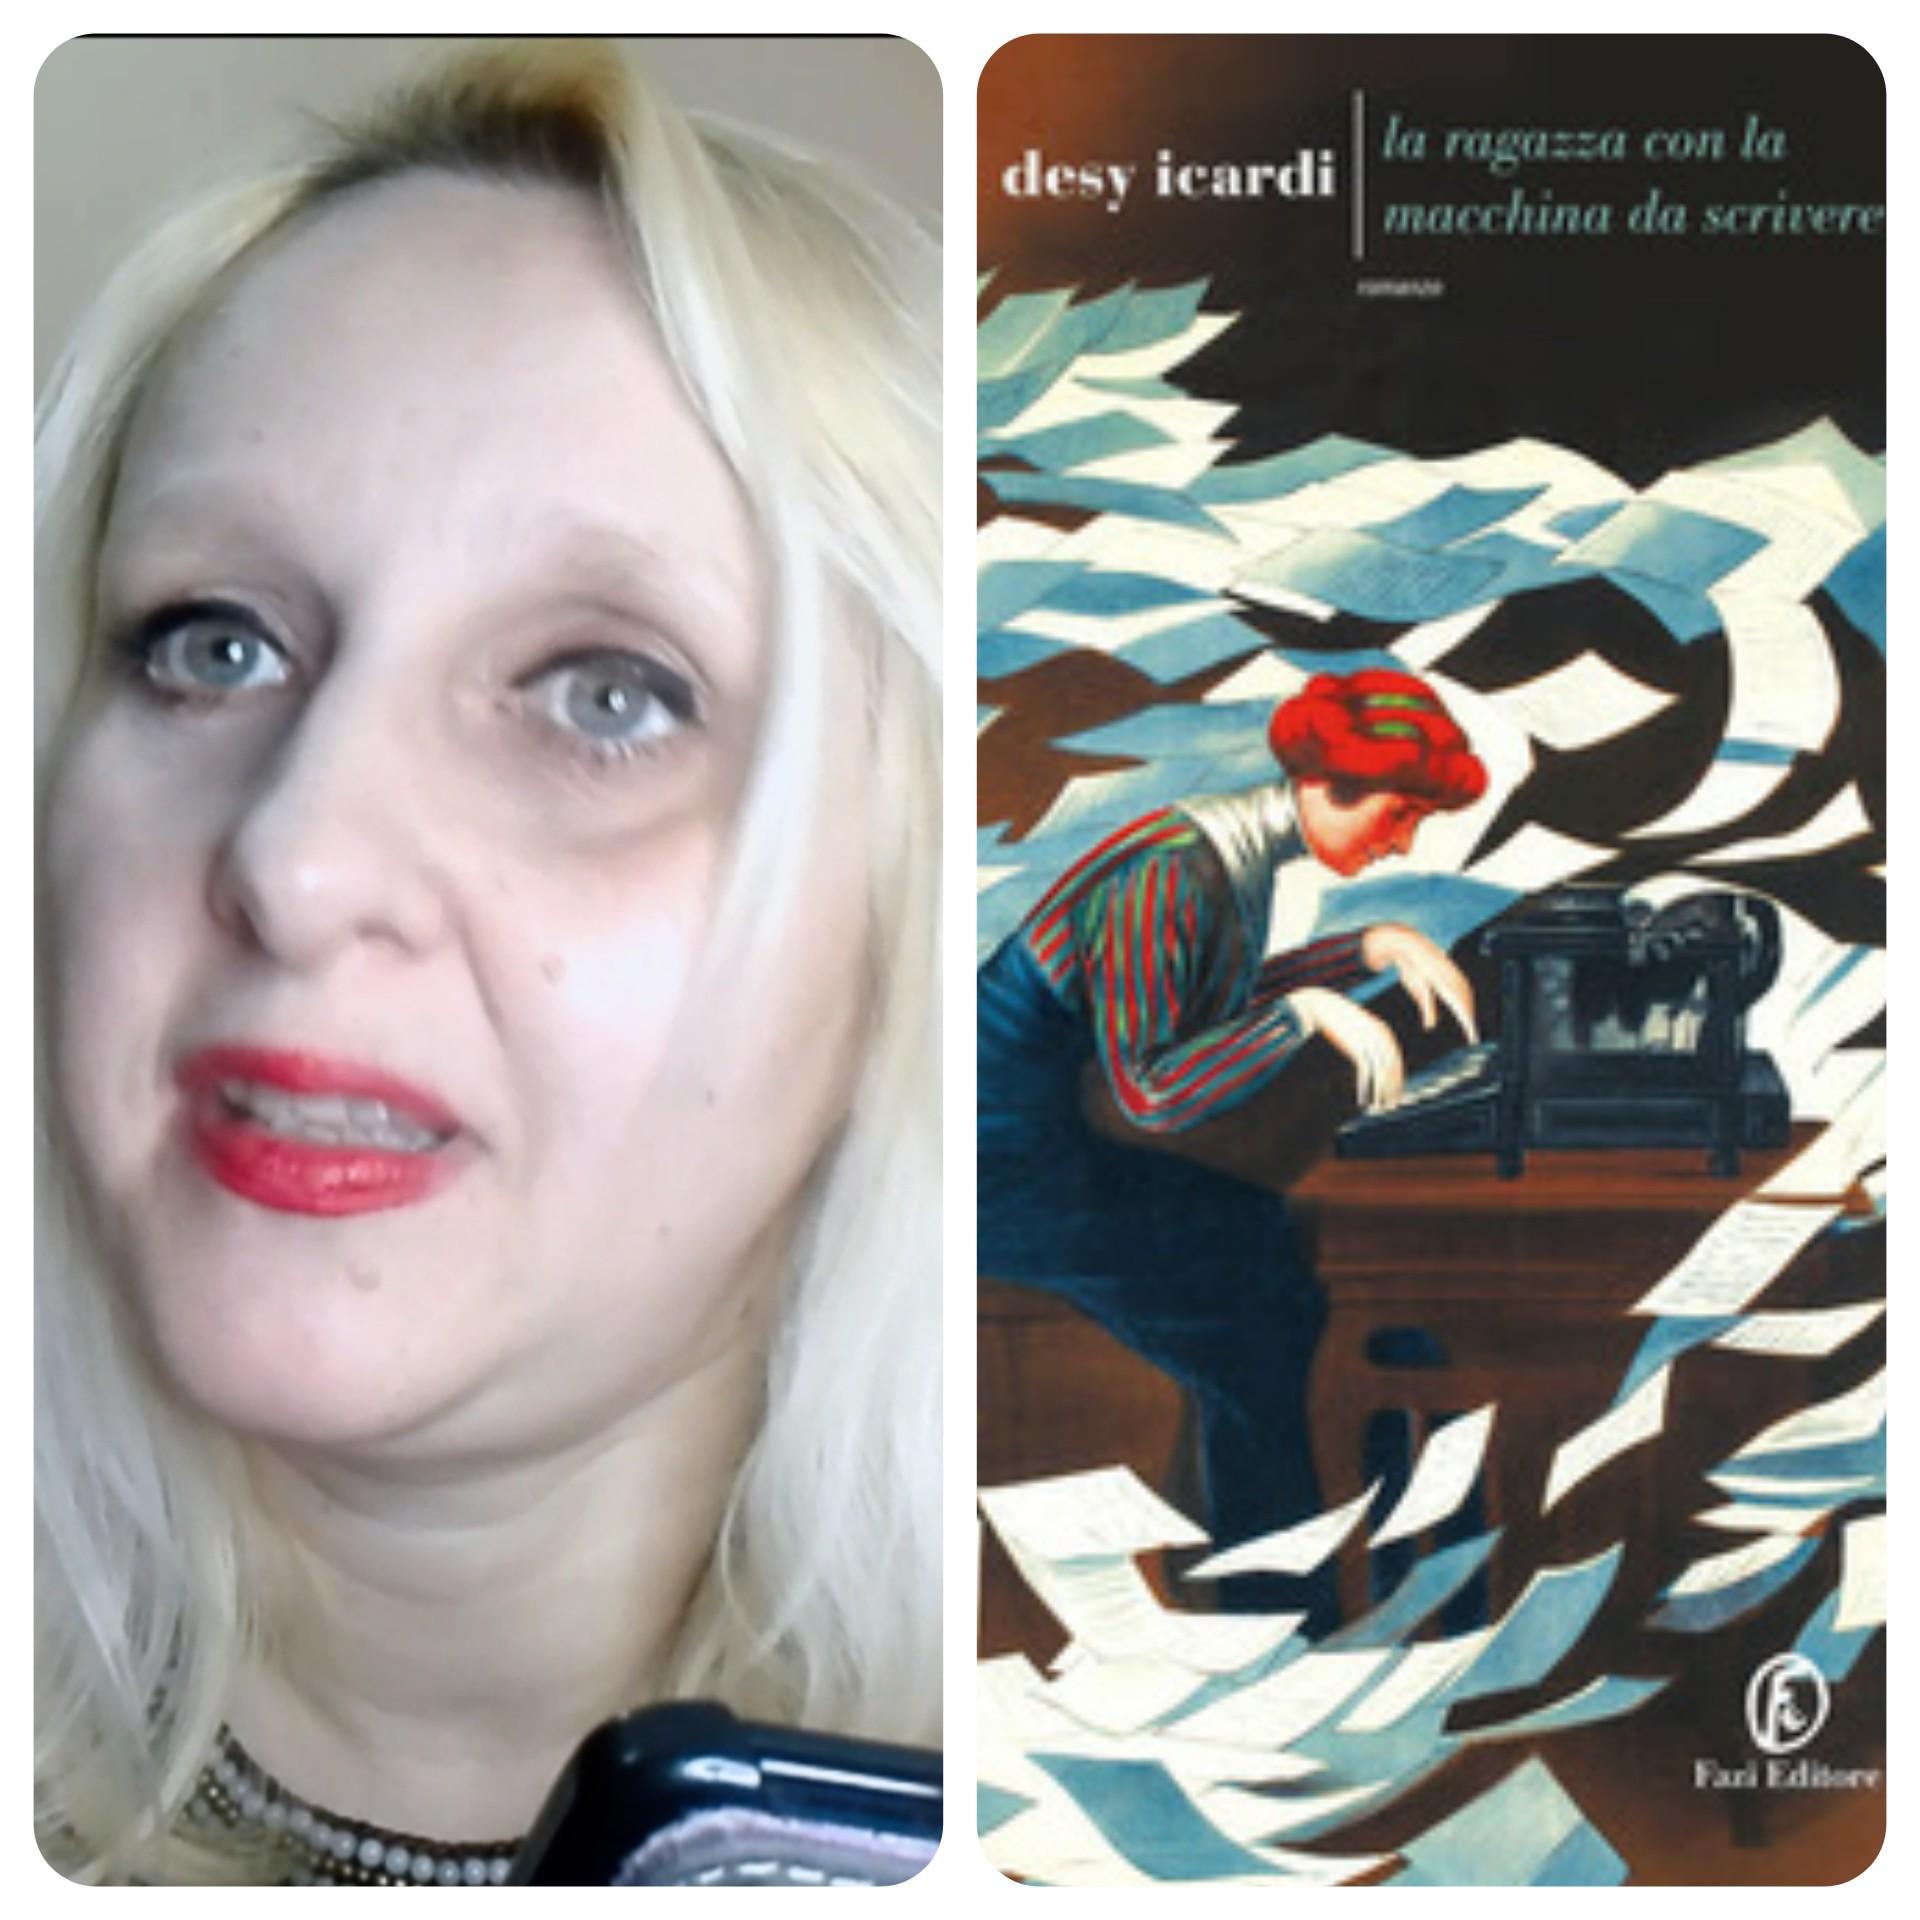 """""""Ve lo legge lo scrittore"""" con Desy Icardi autrice del romanzo """"La ragazza con la macchina da scrivere"""" edito da Fazi Editore"""